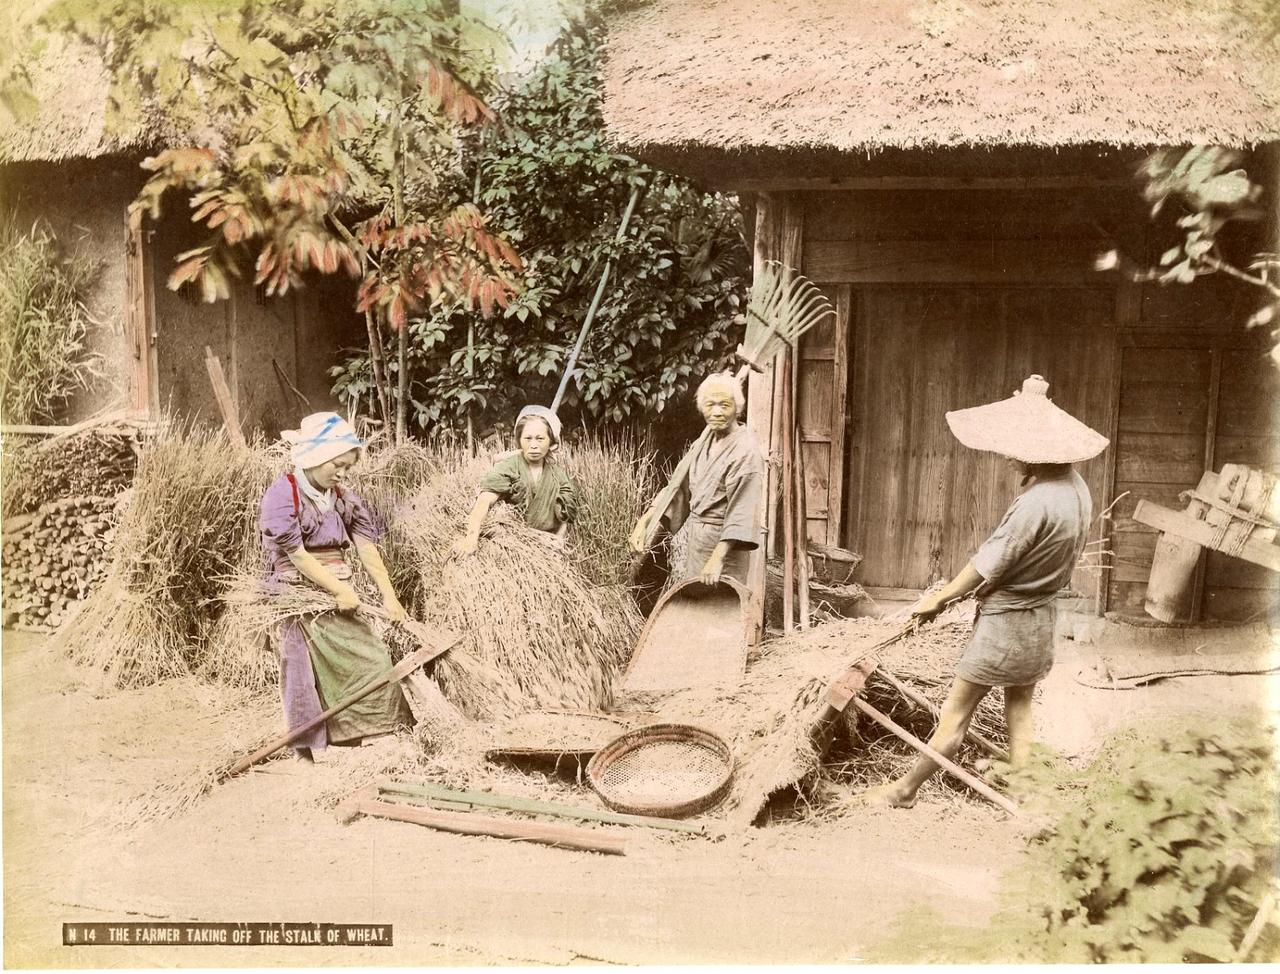 Крестьяне обрезают стебли пшеницы